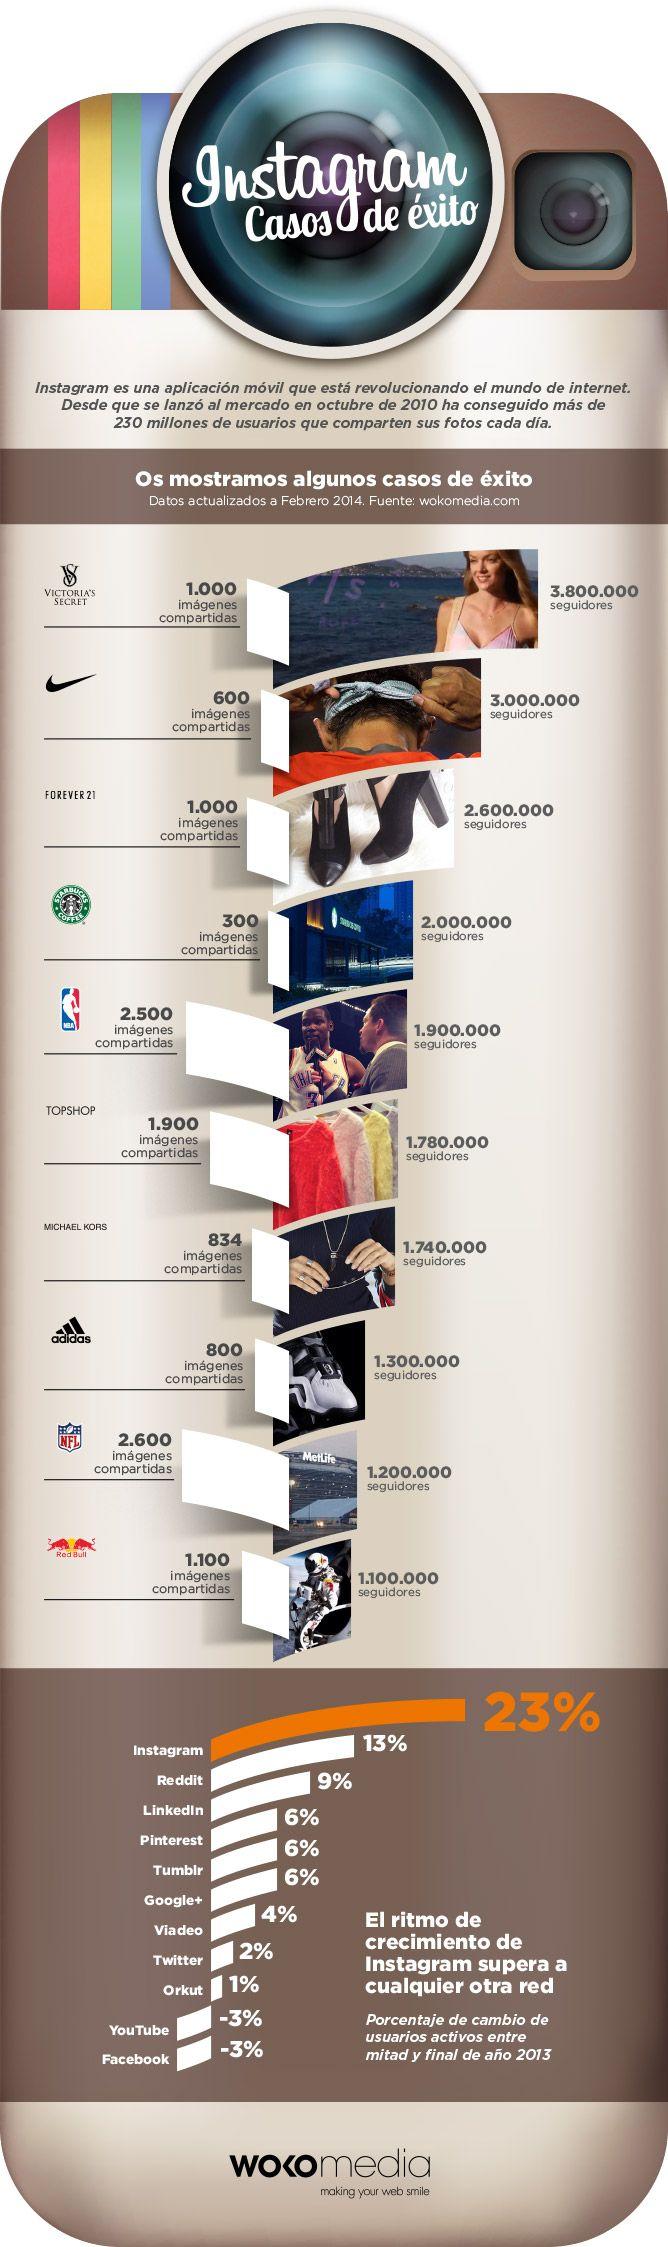 La irrupción de Instagram supuso una revolución para la fotografía móvil y ya acumula más de 230 millones los usuarios de iPhone y Android. Una plataforma con tantos millones de usuarios, llama la atención de las empresas y marcas para conectar con sus consumidores, por lo que a continuación mostramos casos de éxito a través de esta infografía.